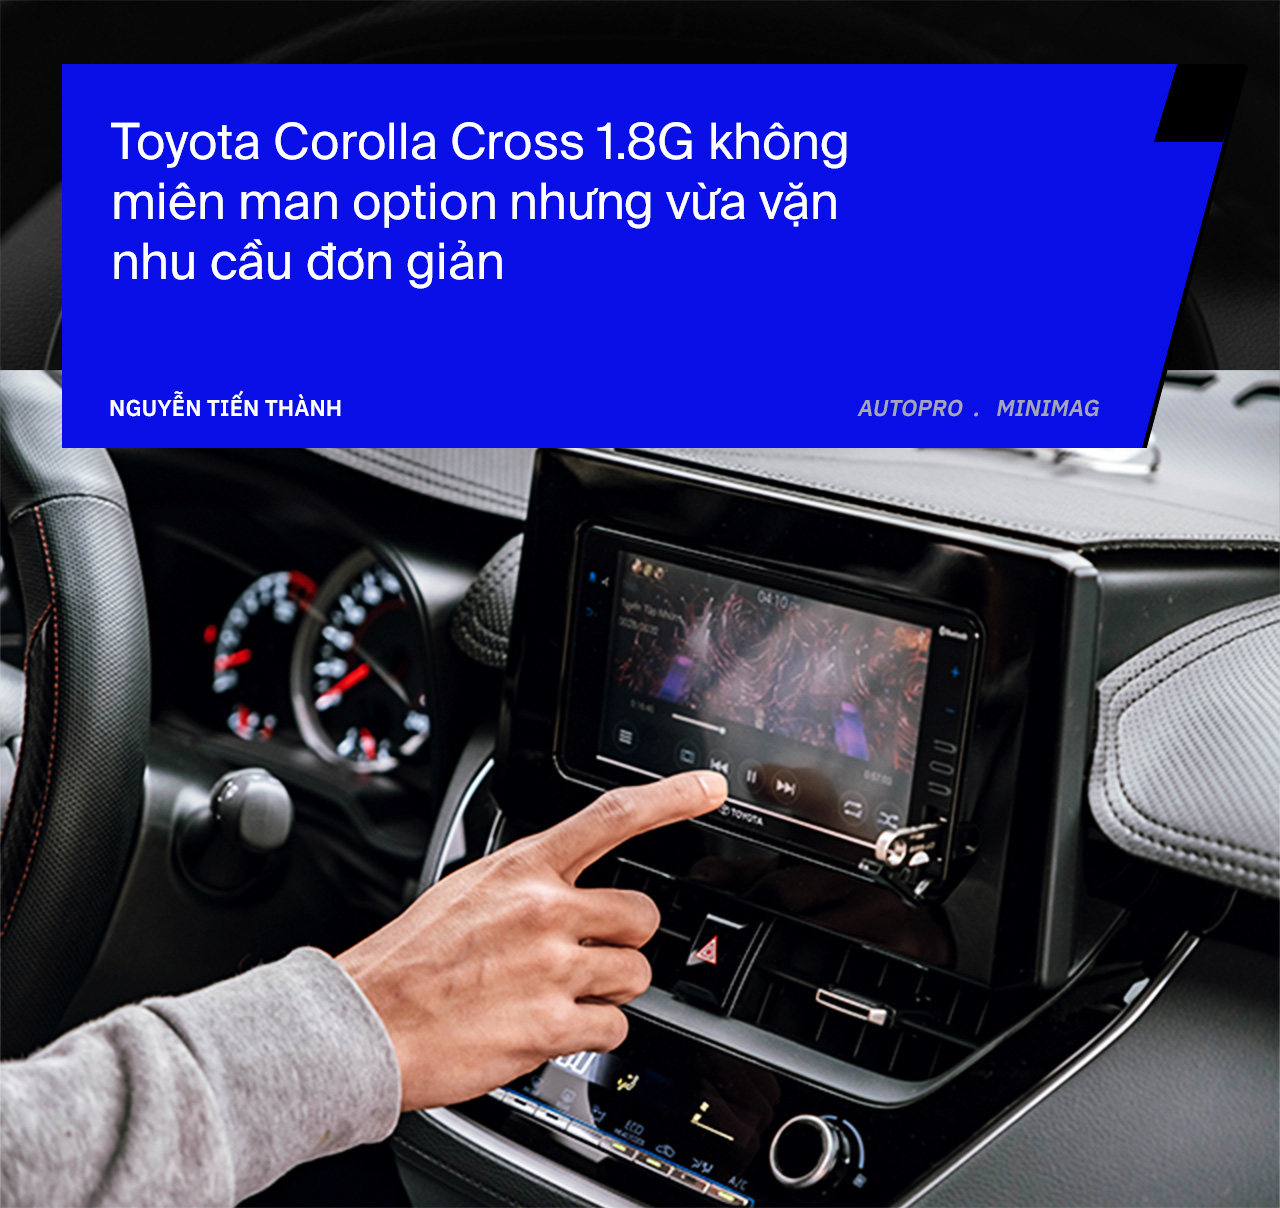 Bỏ cọc Kia Seltos để mua Toyota Corolla Cross bản rẻ nhất, người dùng đánh giá sau 3 tháng: 'Đủ những thứ tôi cần' - Ảnh 7.